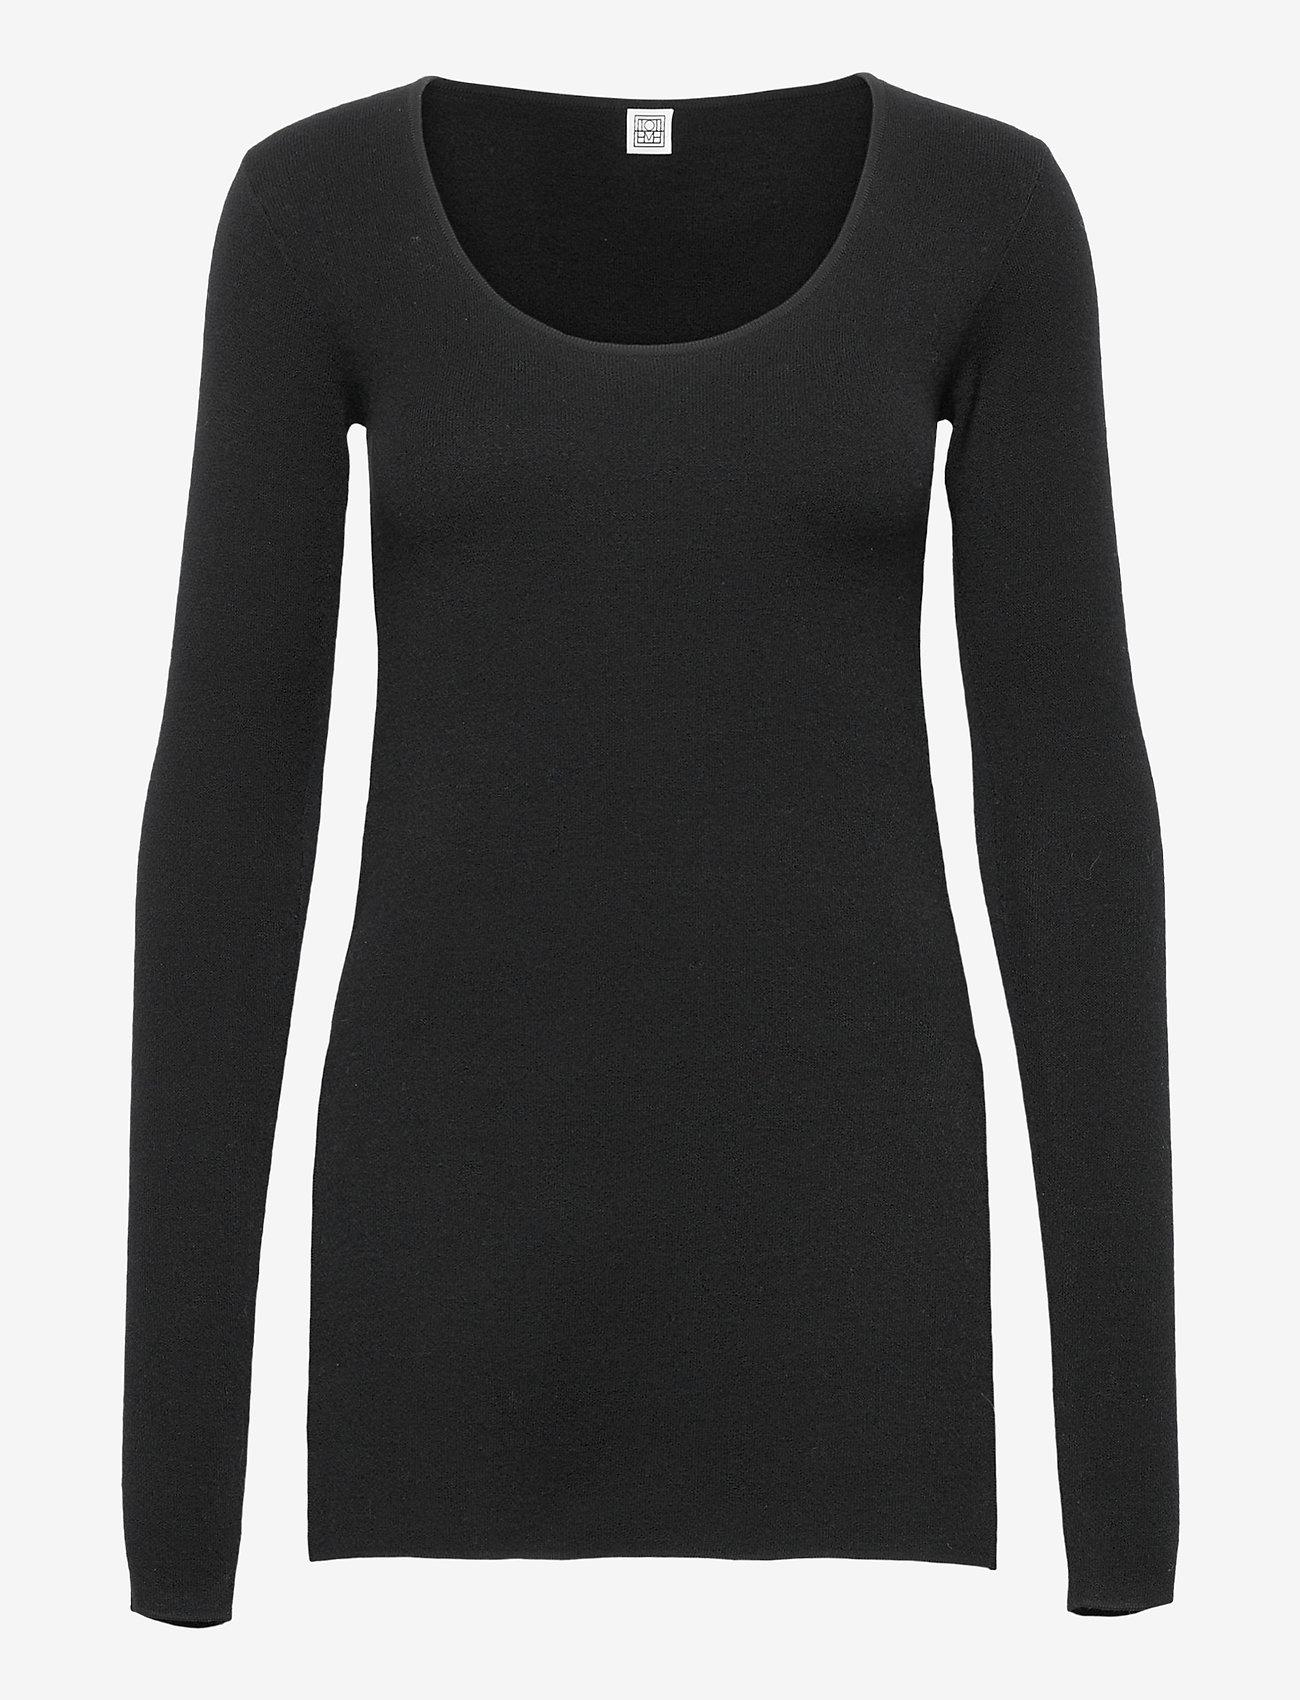 Totême - MORO - trøjer - black 200 - 0